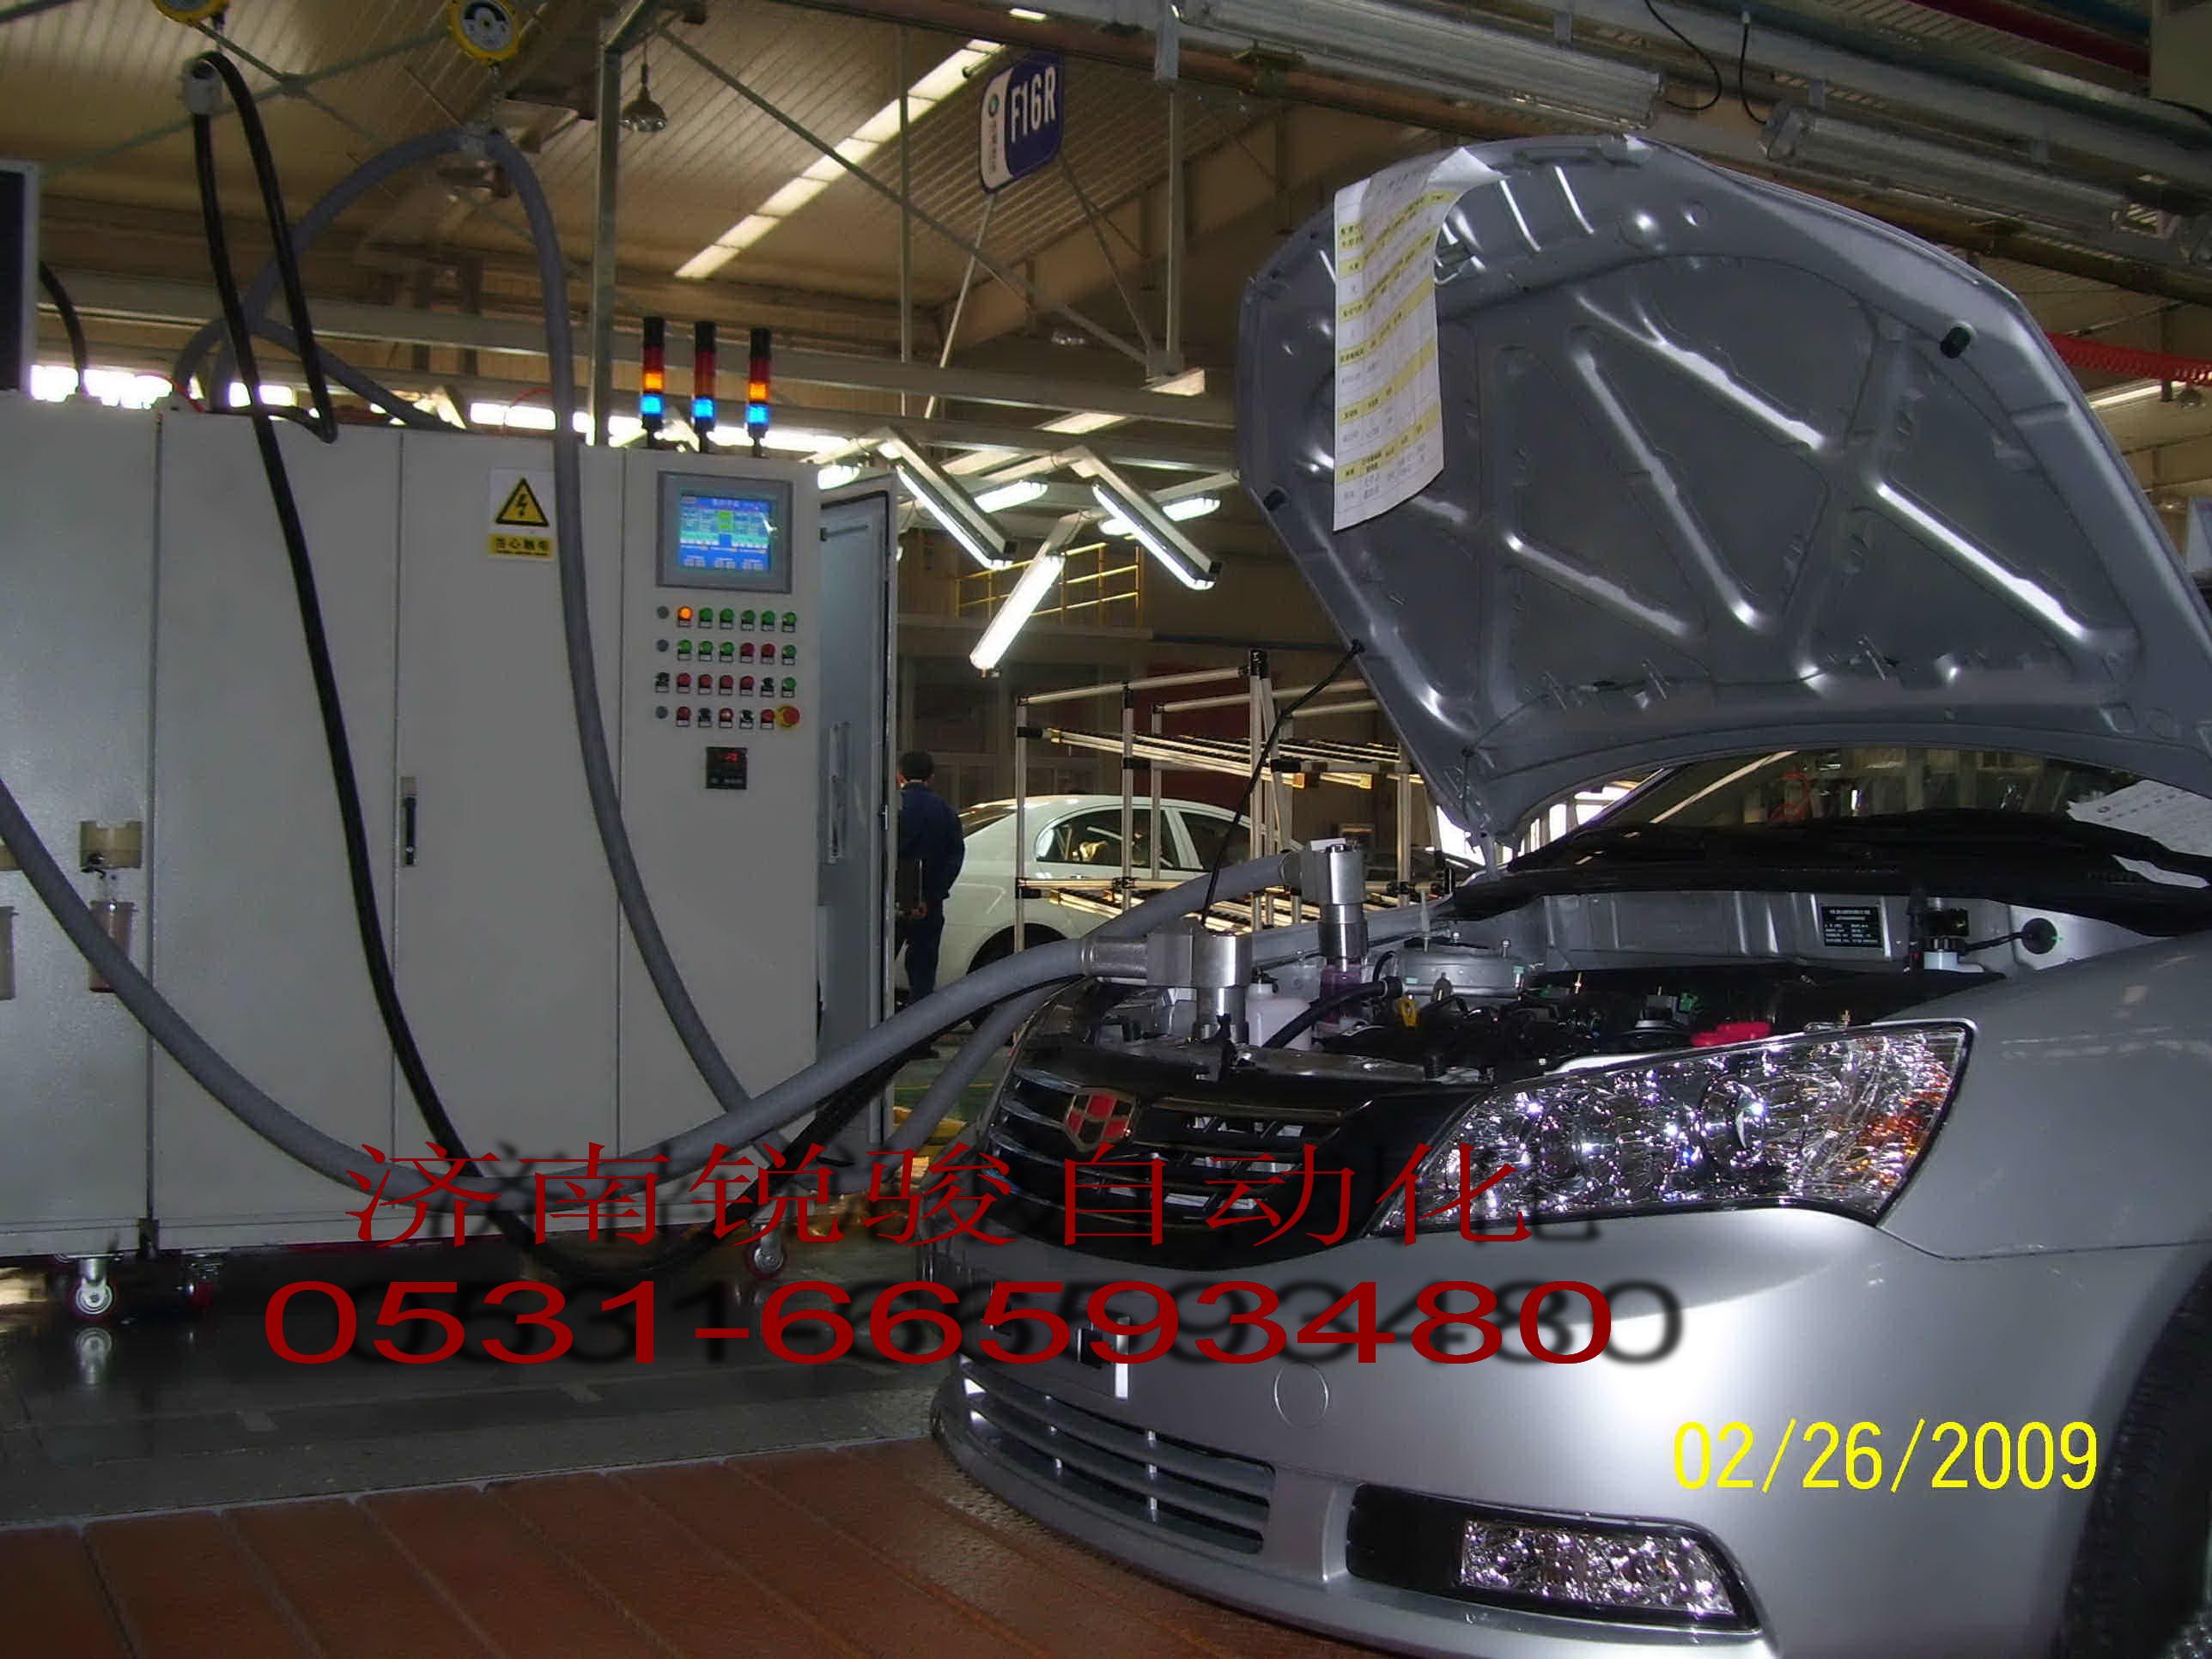 宝马5系发动机冷却液,宝马 5系水箱风扇,宝马节器坏了的表现高清图片